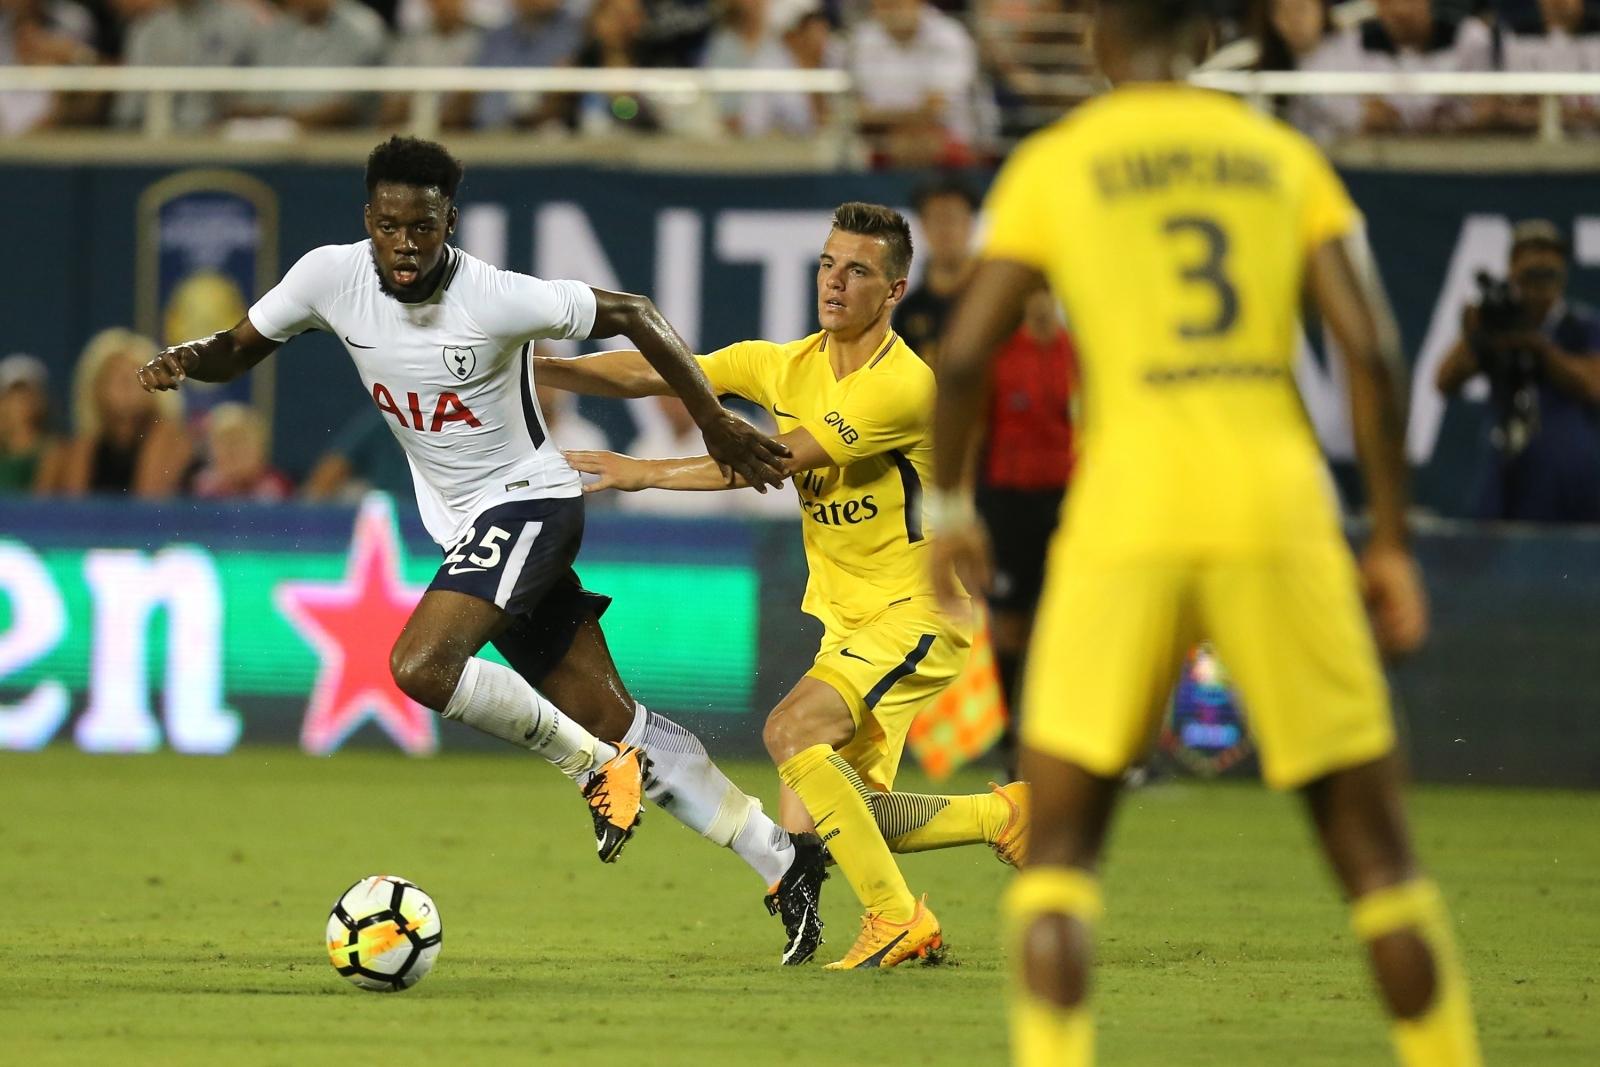 Joshua Spurs On Loan At Aston Villa